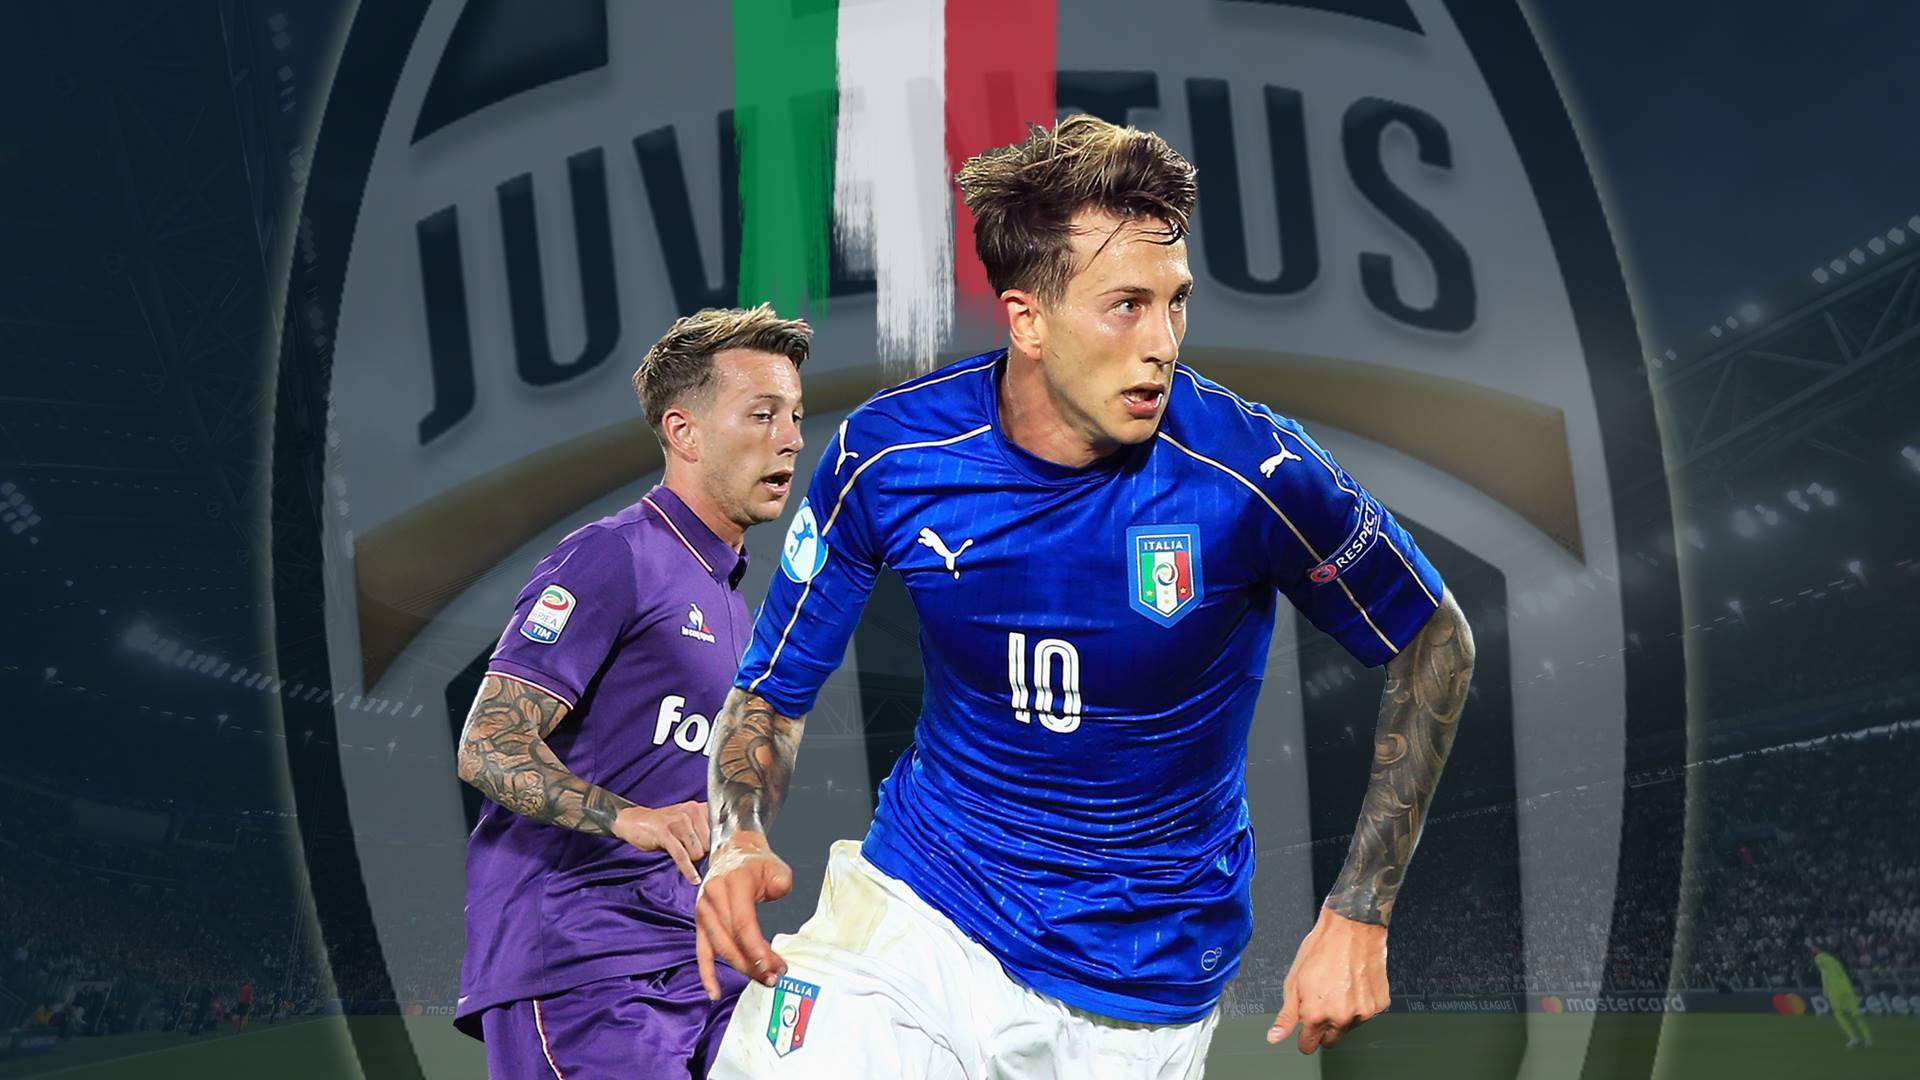 Medien: Federico Bernadeschi wechselt zu Juventus Turin